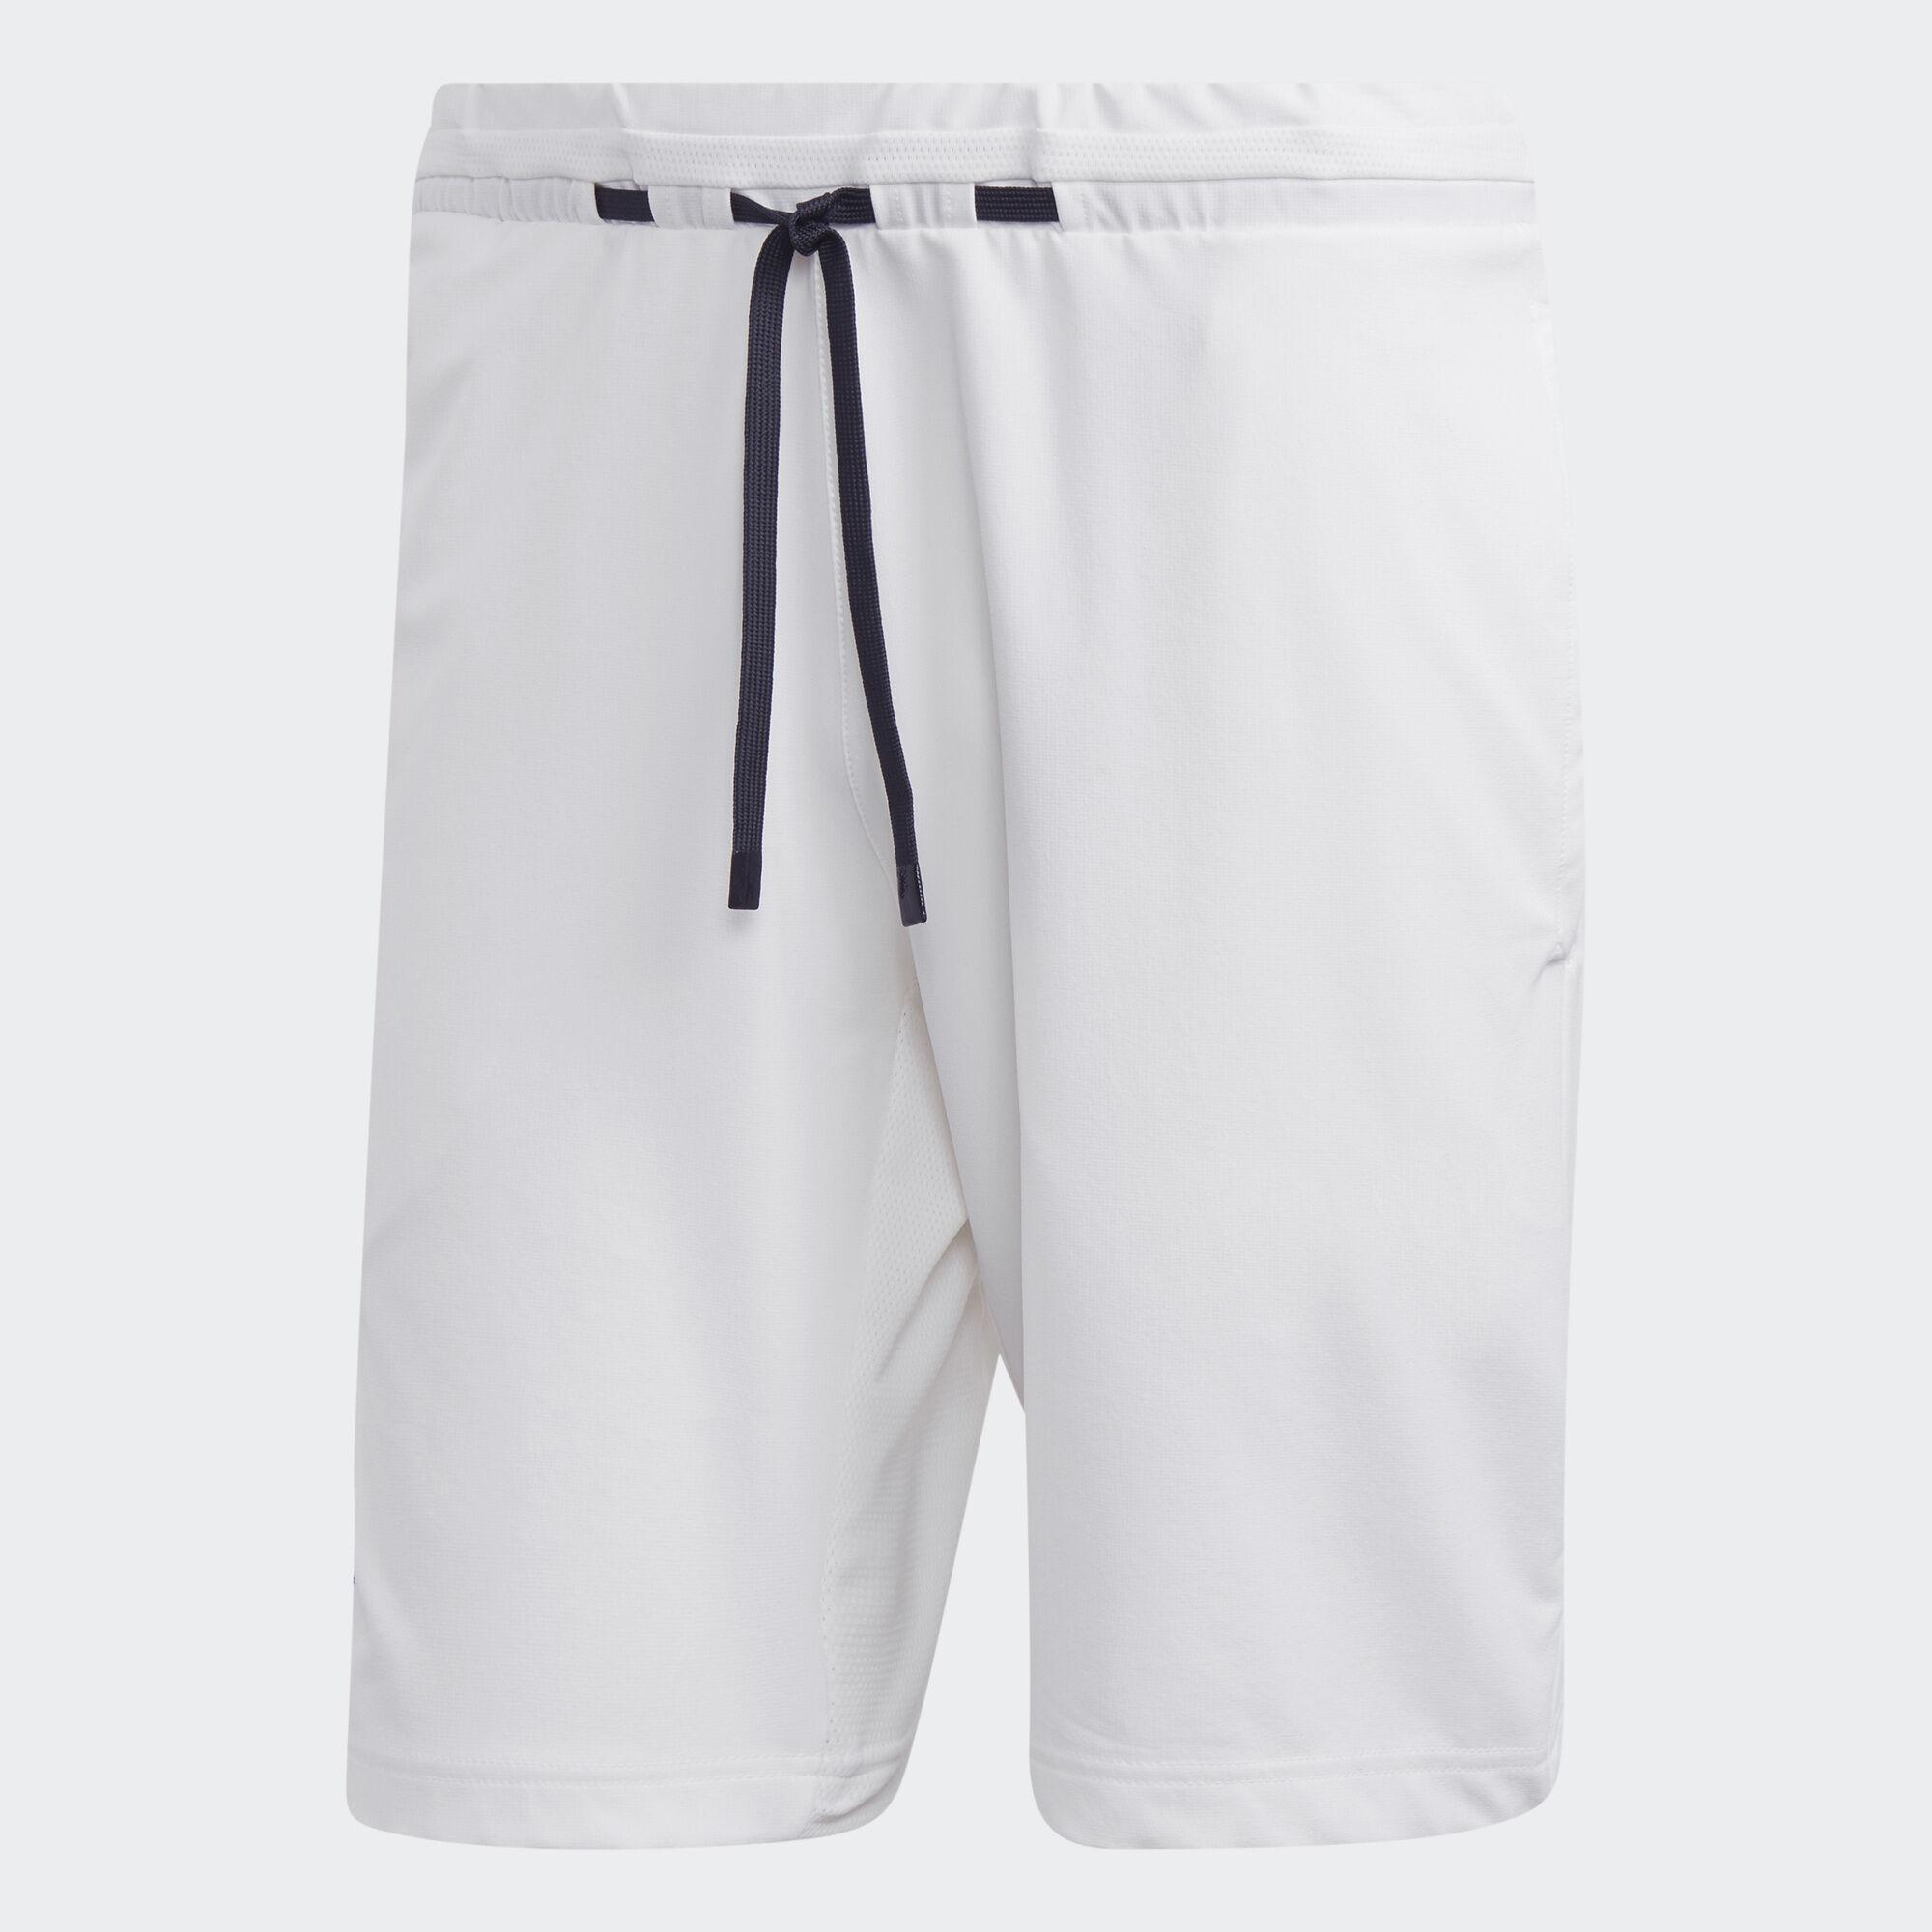 Shorts, Retro, adidas, Fila, Ellesse, Combat, Tennis, Swim